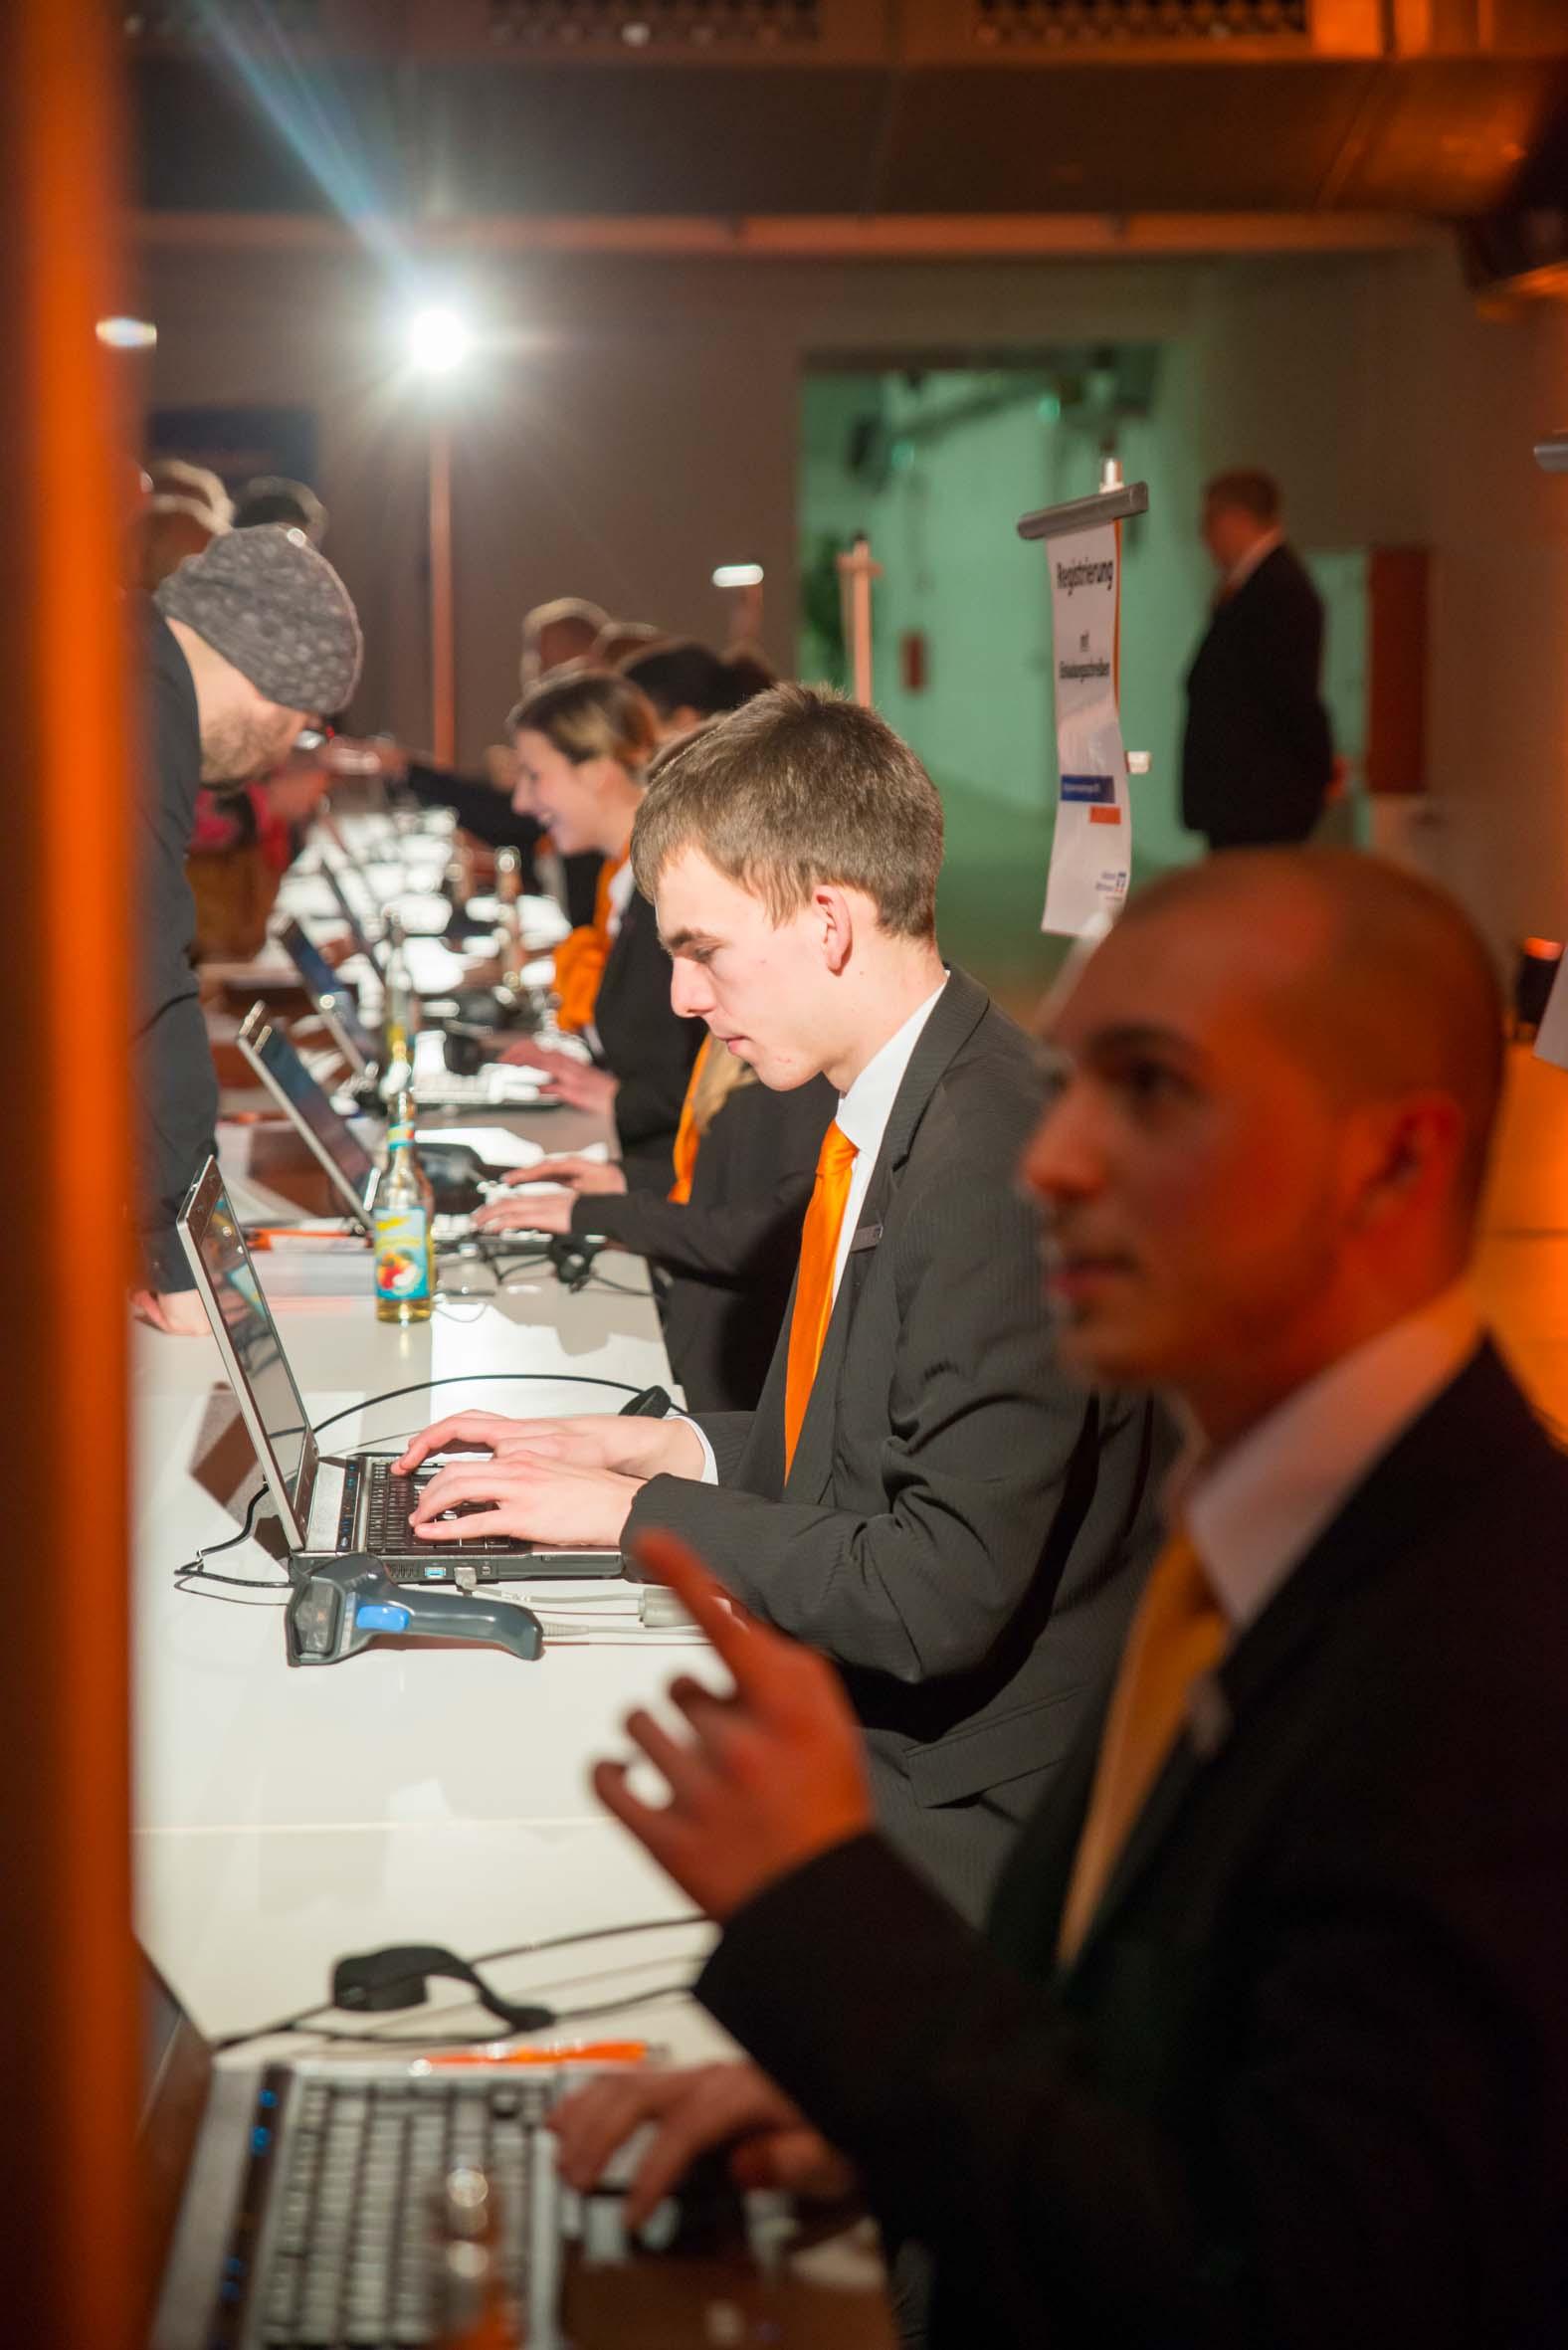 Bildergalerie Mitgliederversammlung 2015 in Gießen, Bild 10